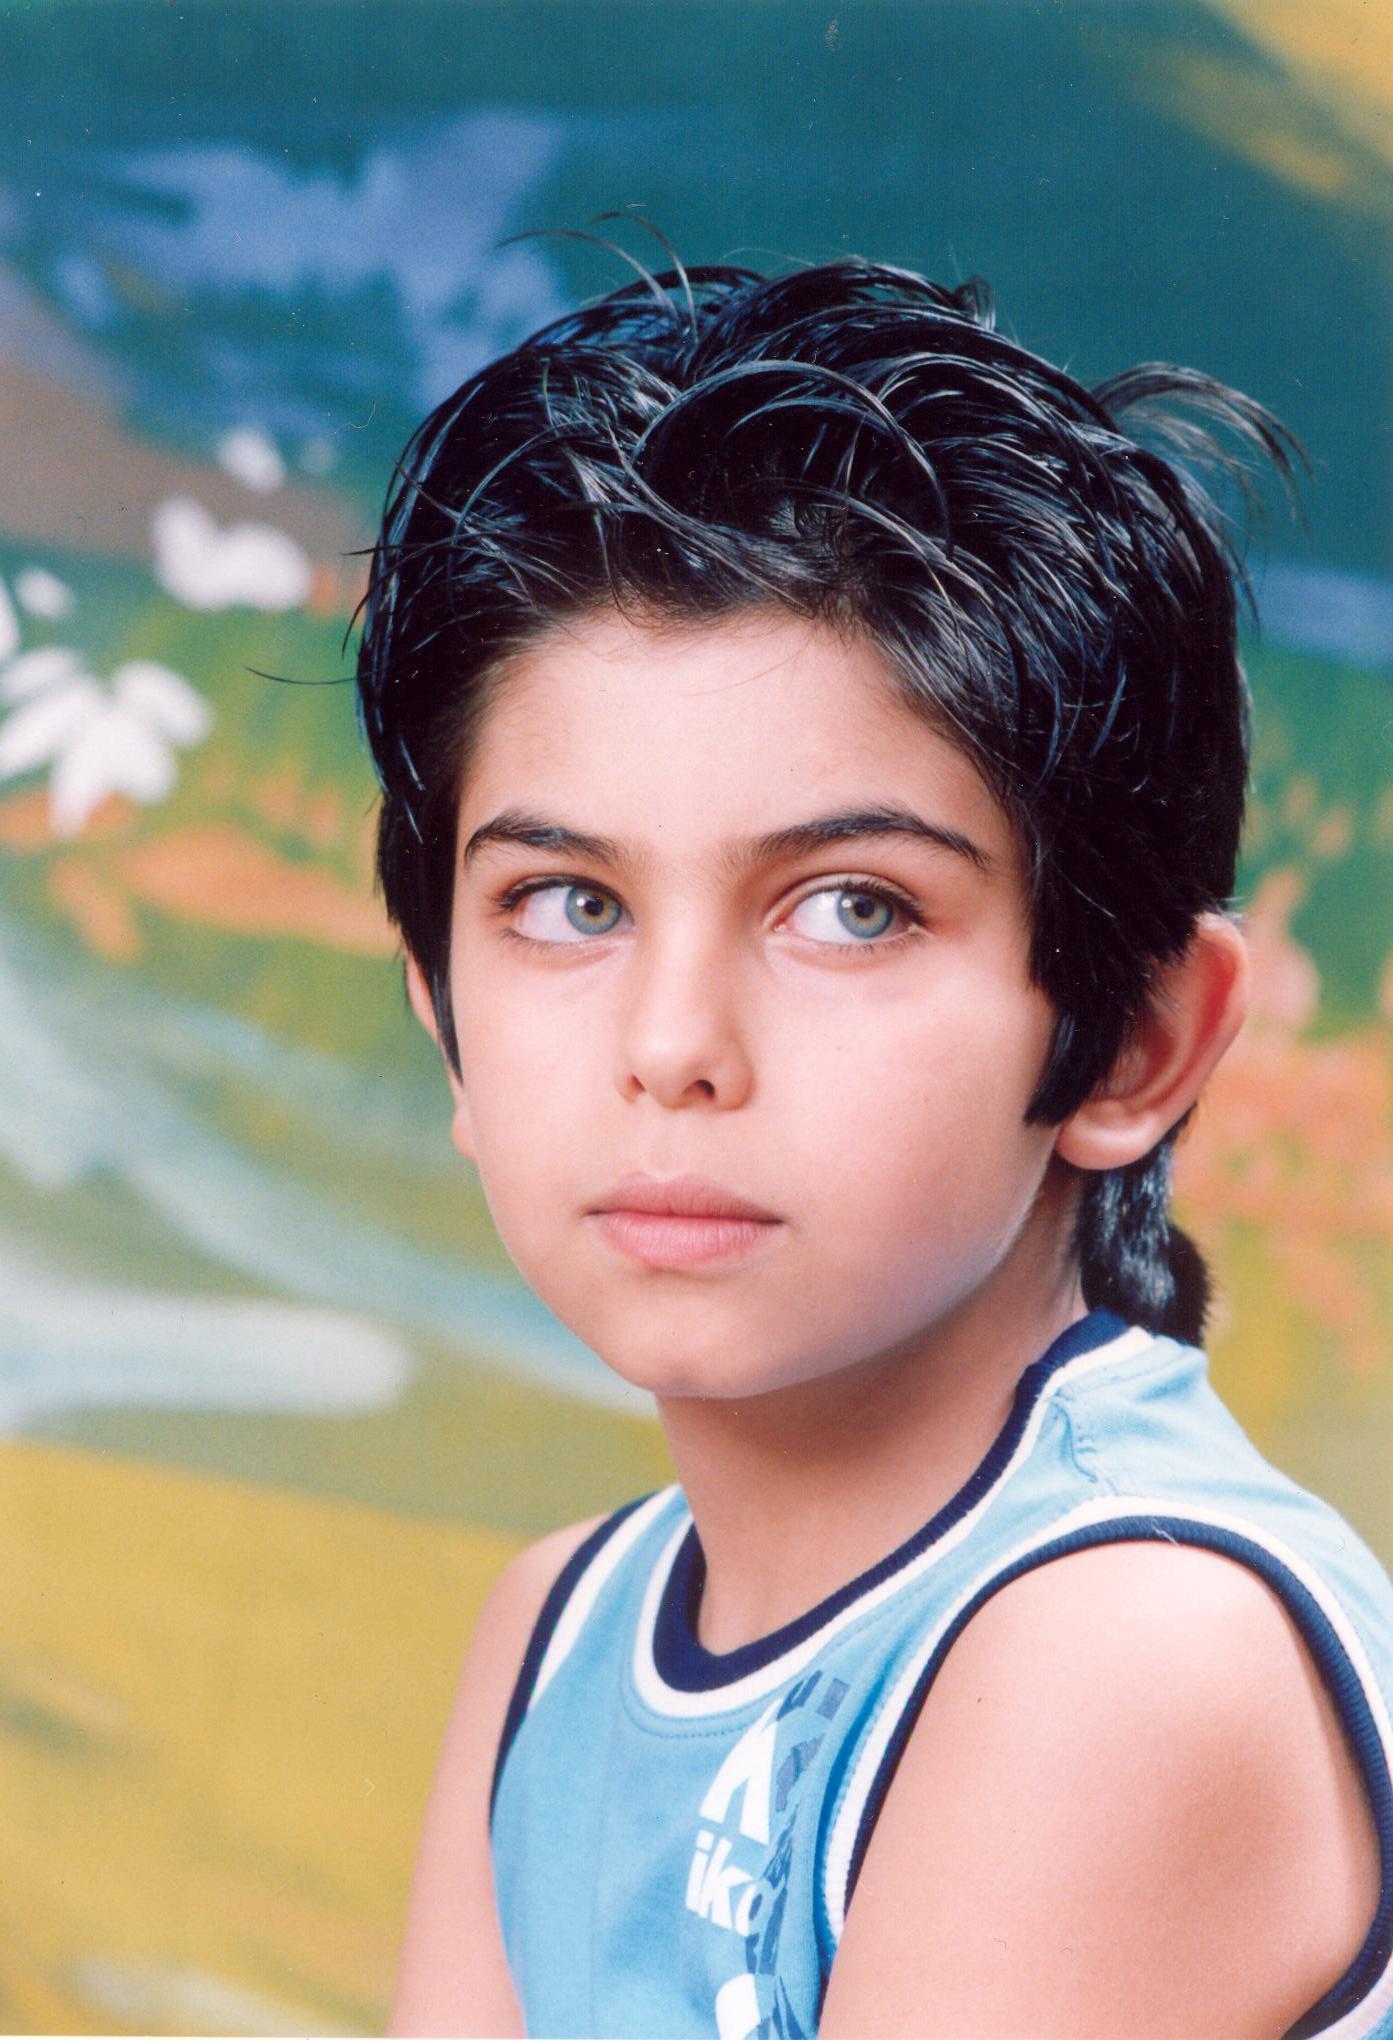 هذه بعض صور الممثل الإيراني الصغير و